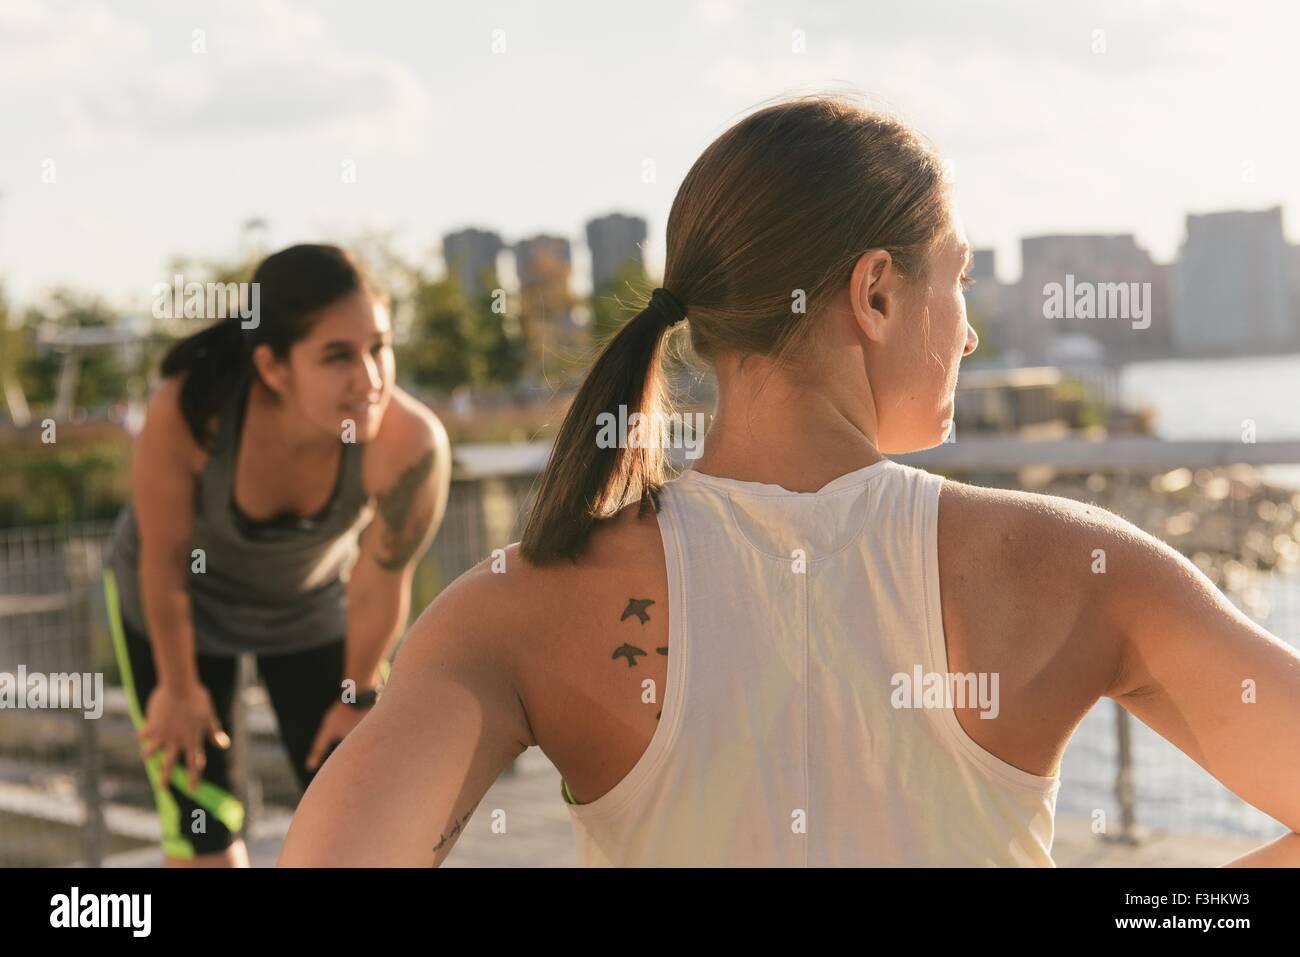 Dos amigos hablando después de ejercitarse juntos en la ejecución de ropa junto al río Imagen De Stock